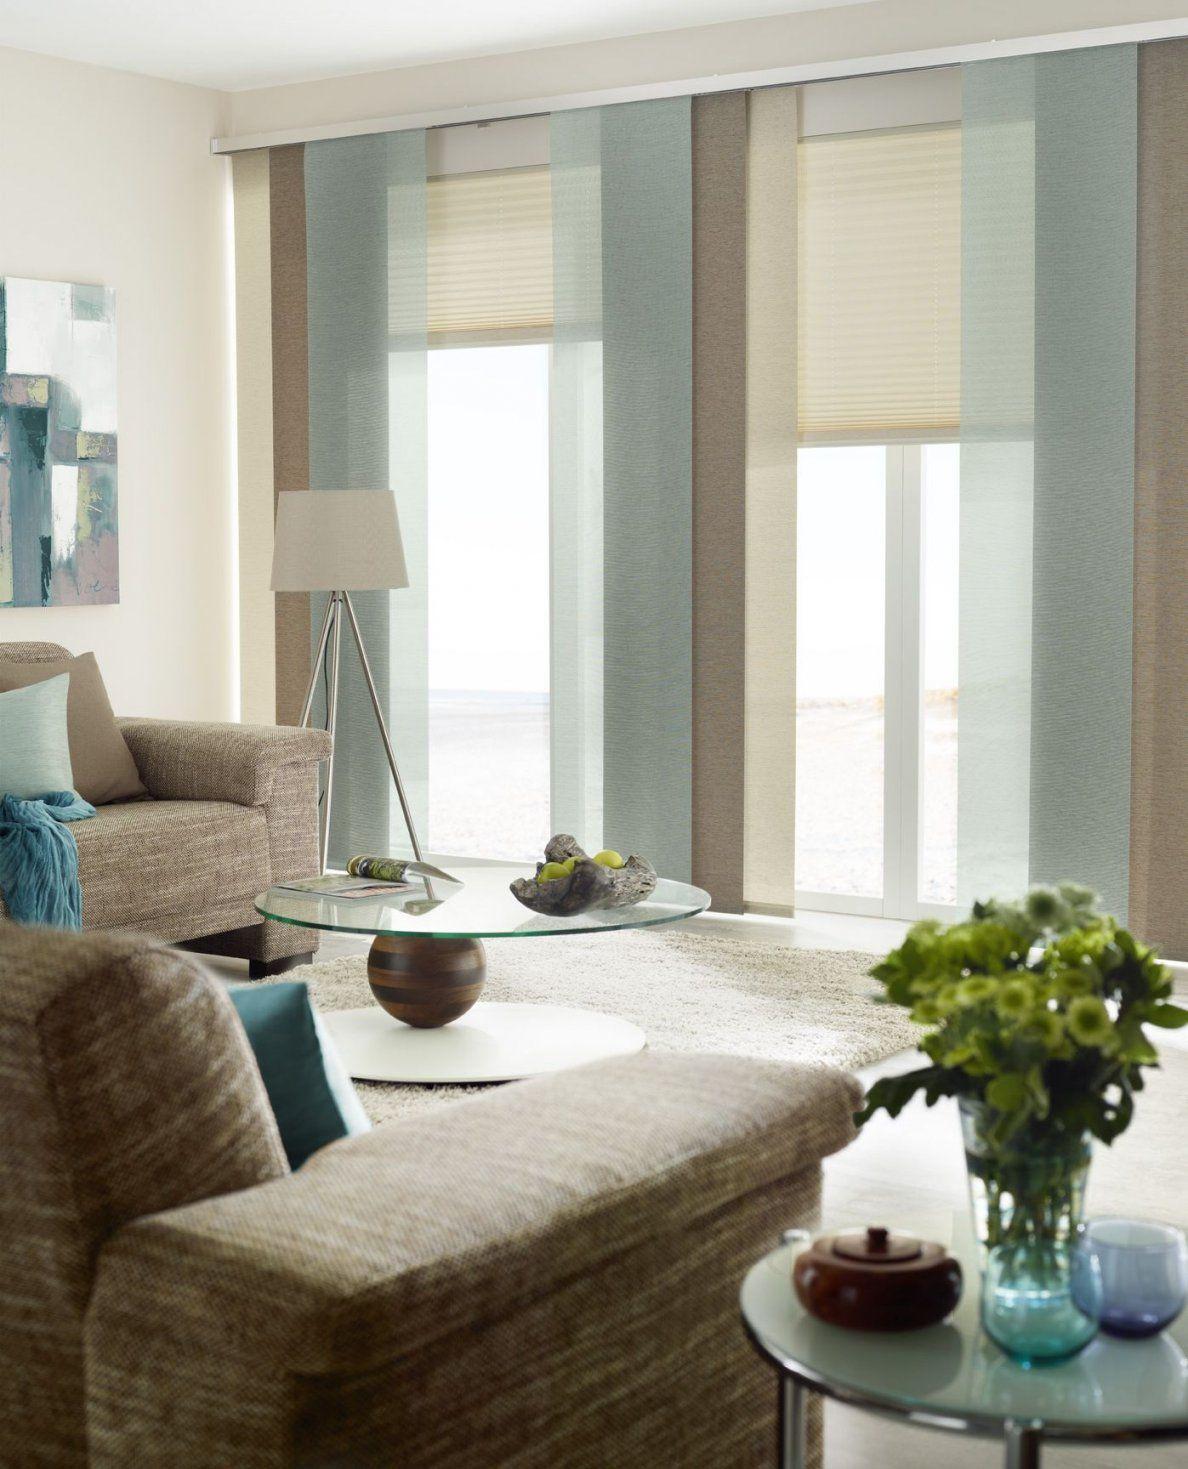 Fenster Urbansteel Tecno Gardinen Dekostoffe Vorhang Wohnstoffe von Plissee Und Gardinen Kombinieren Bild